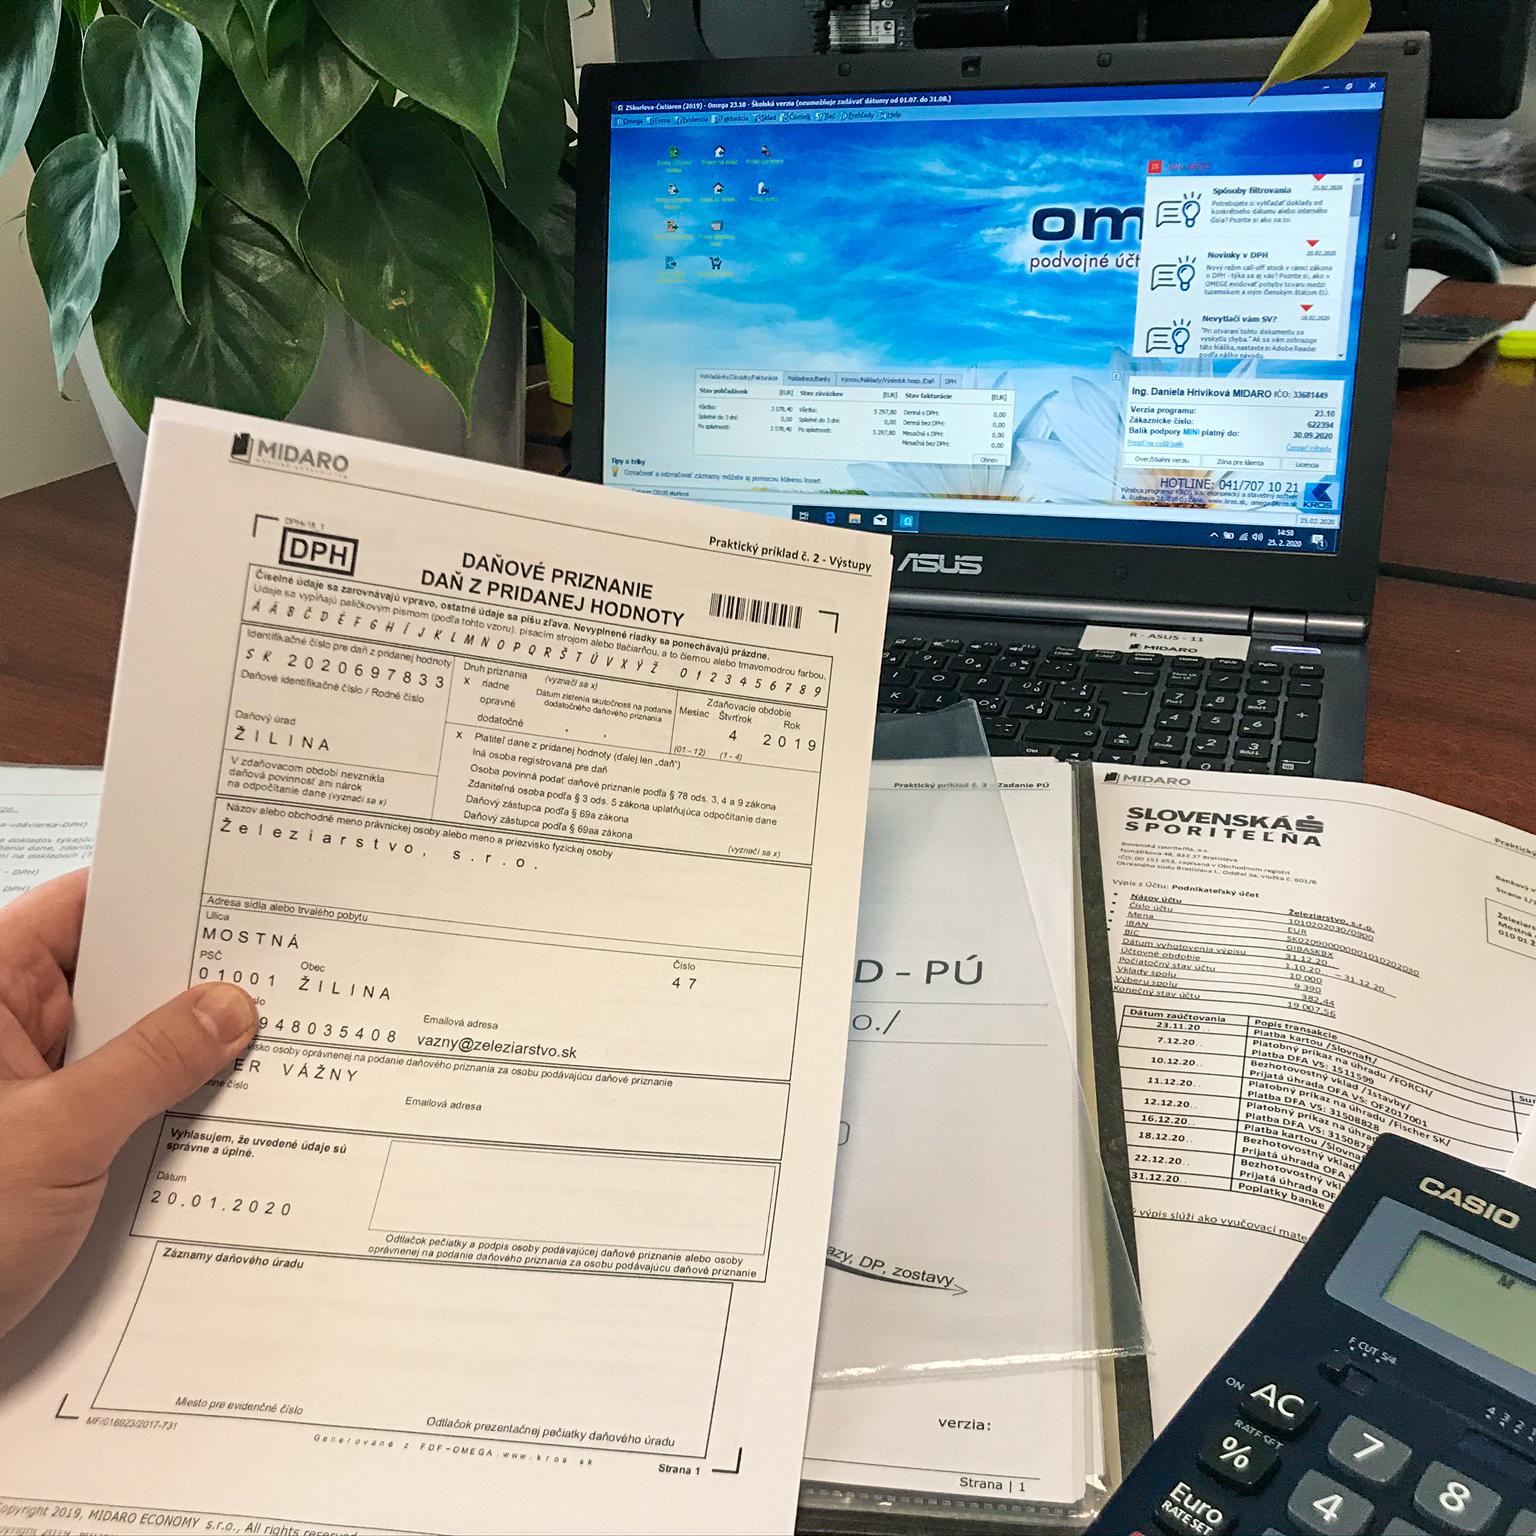 Tréning JUNIOR účtovníka sreálnymi účtovnými dokladmi